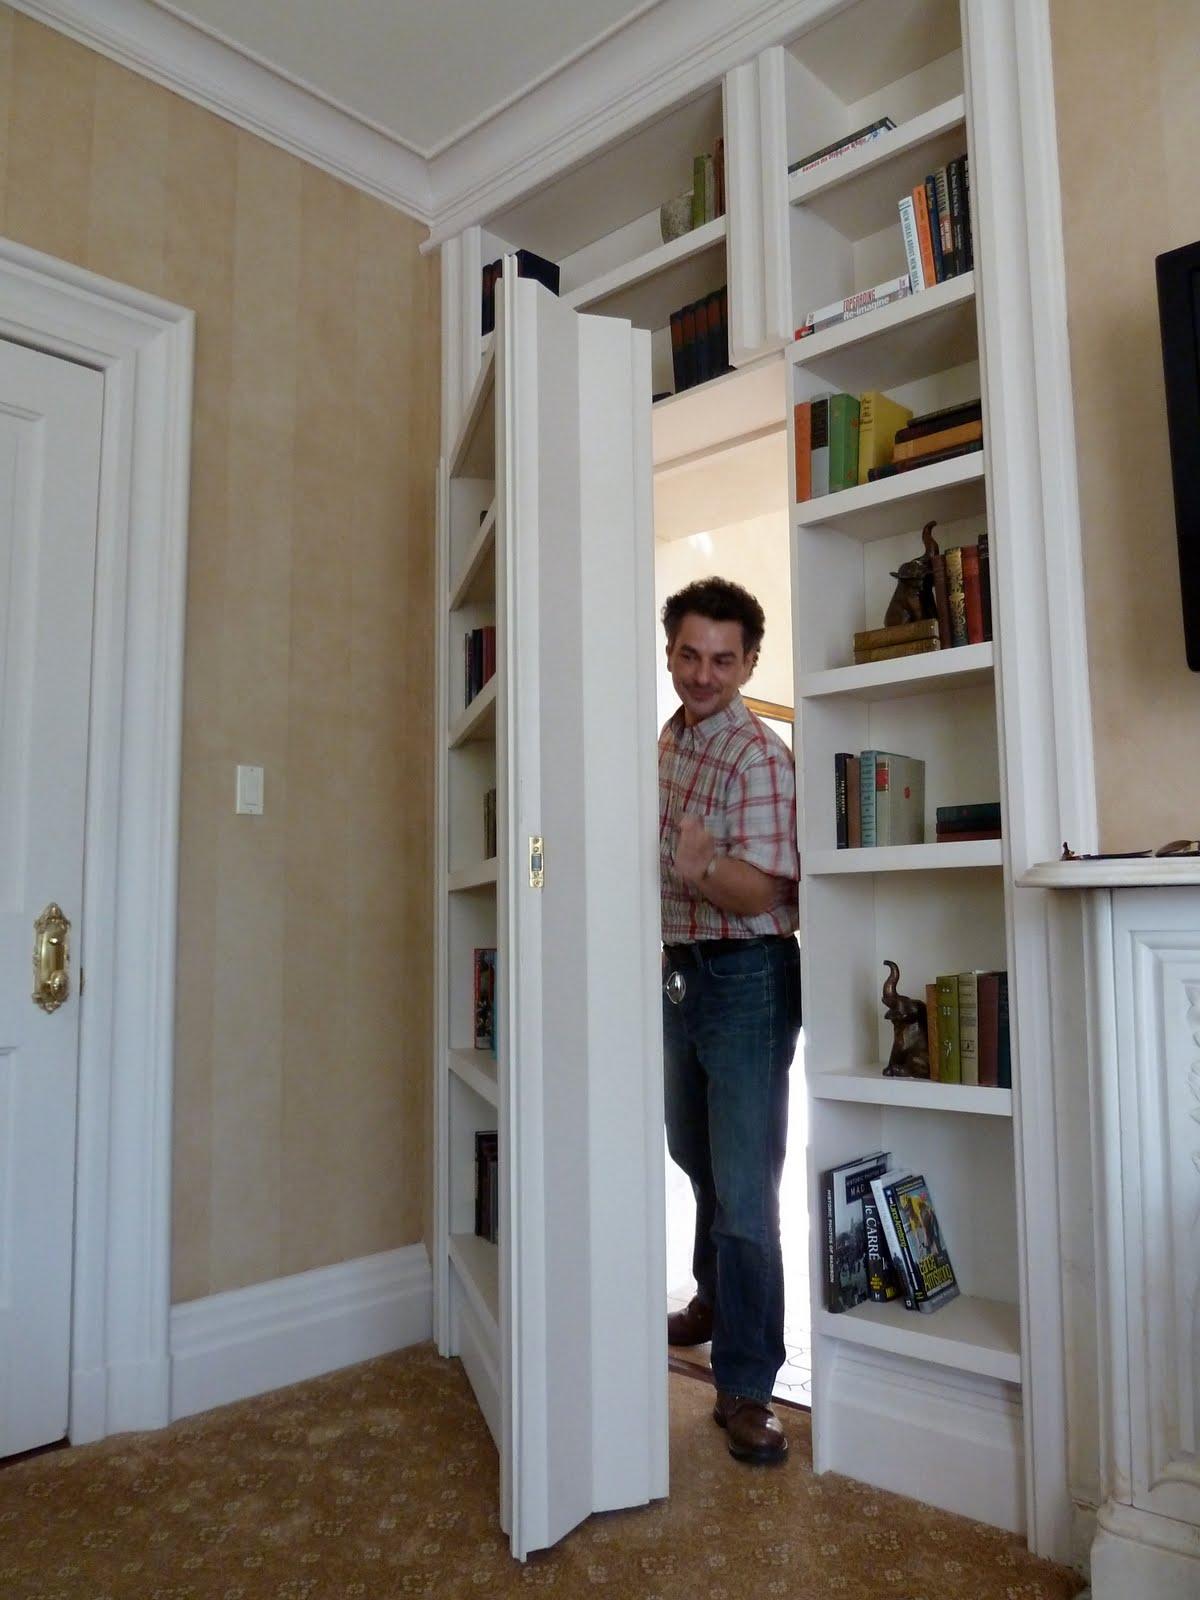 24 fleurs un passage secret entre la chambre et la salle de bains. Black Bedroom Furniture Sets. Home Design Ideas